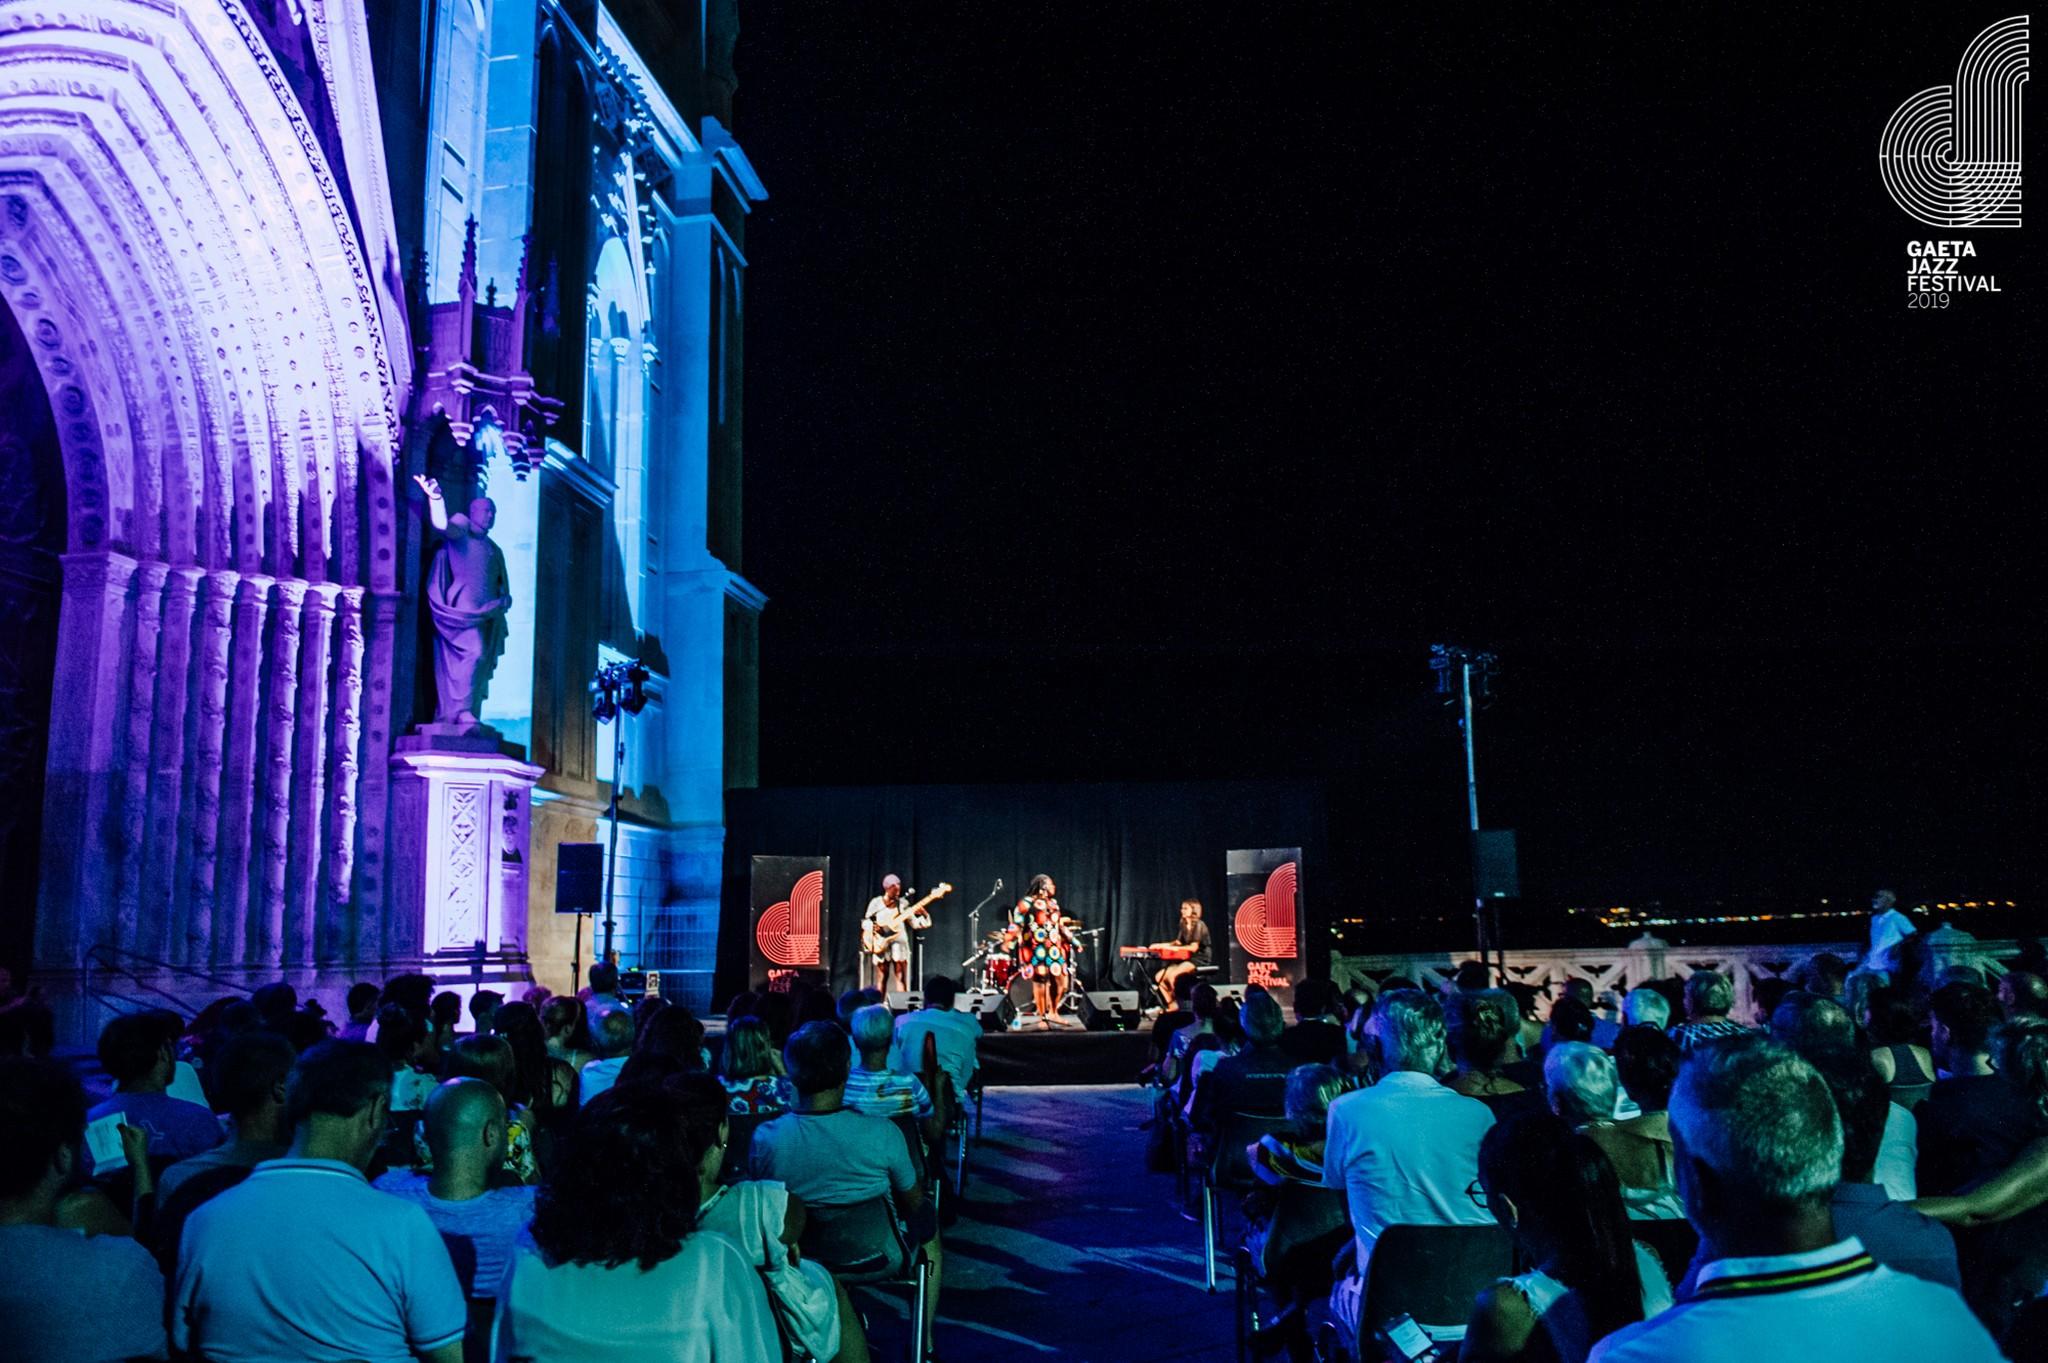 Flavia_Fiengo_Gaeta_Jazz_Festival_live_2019__00013